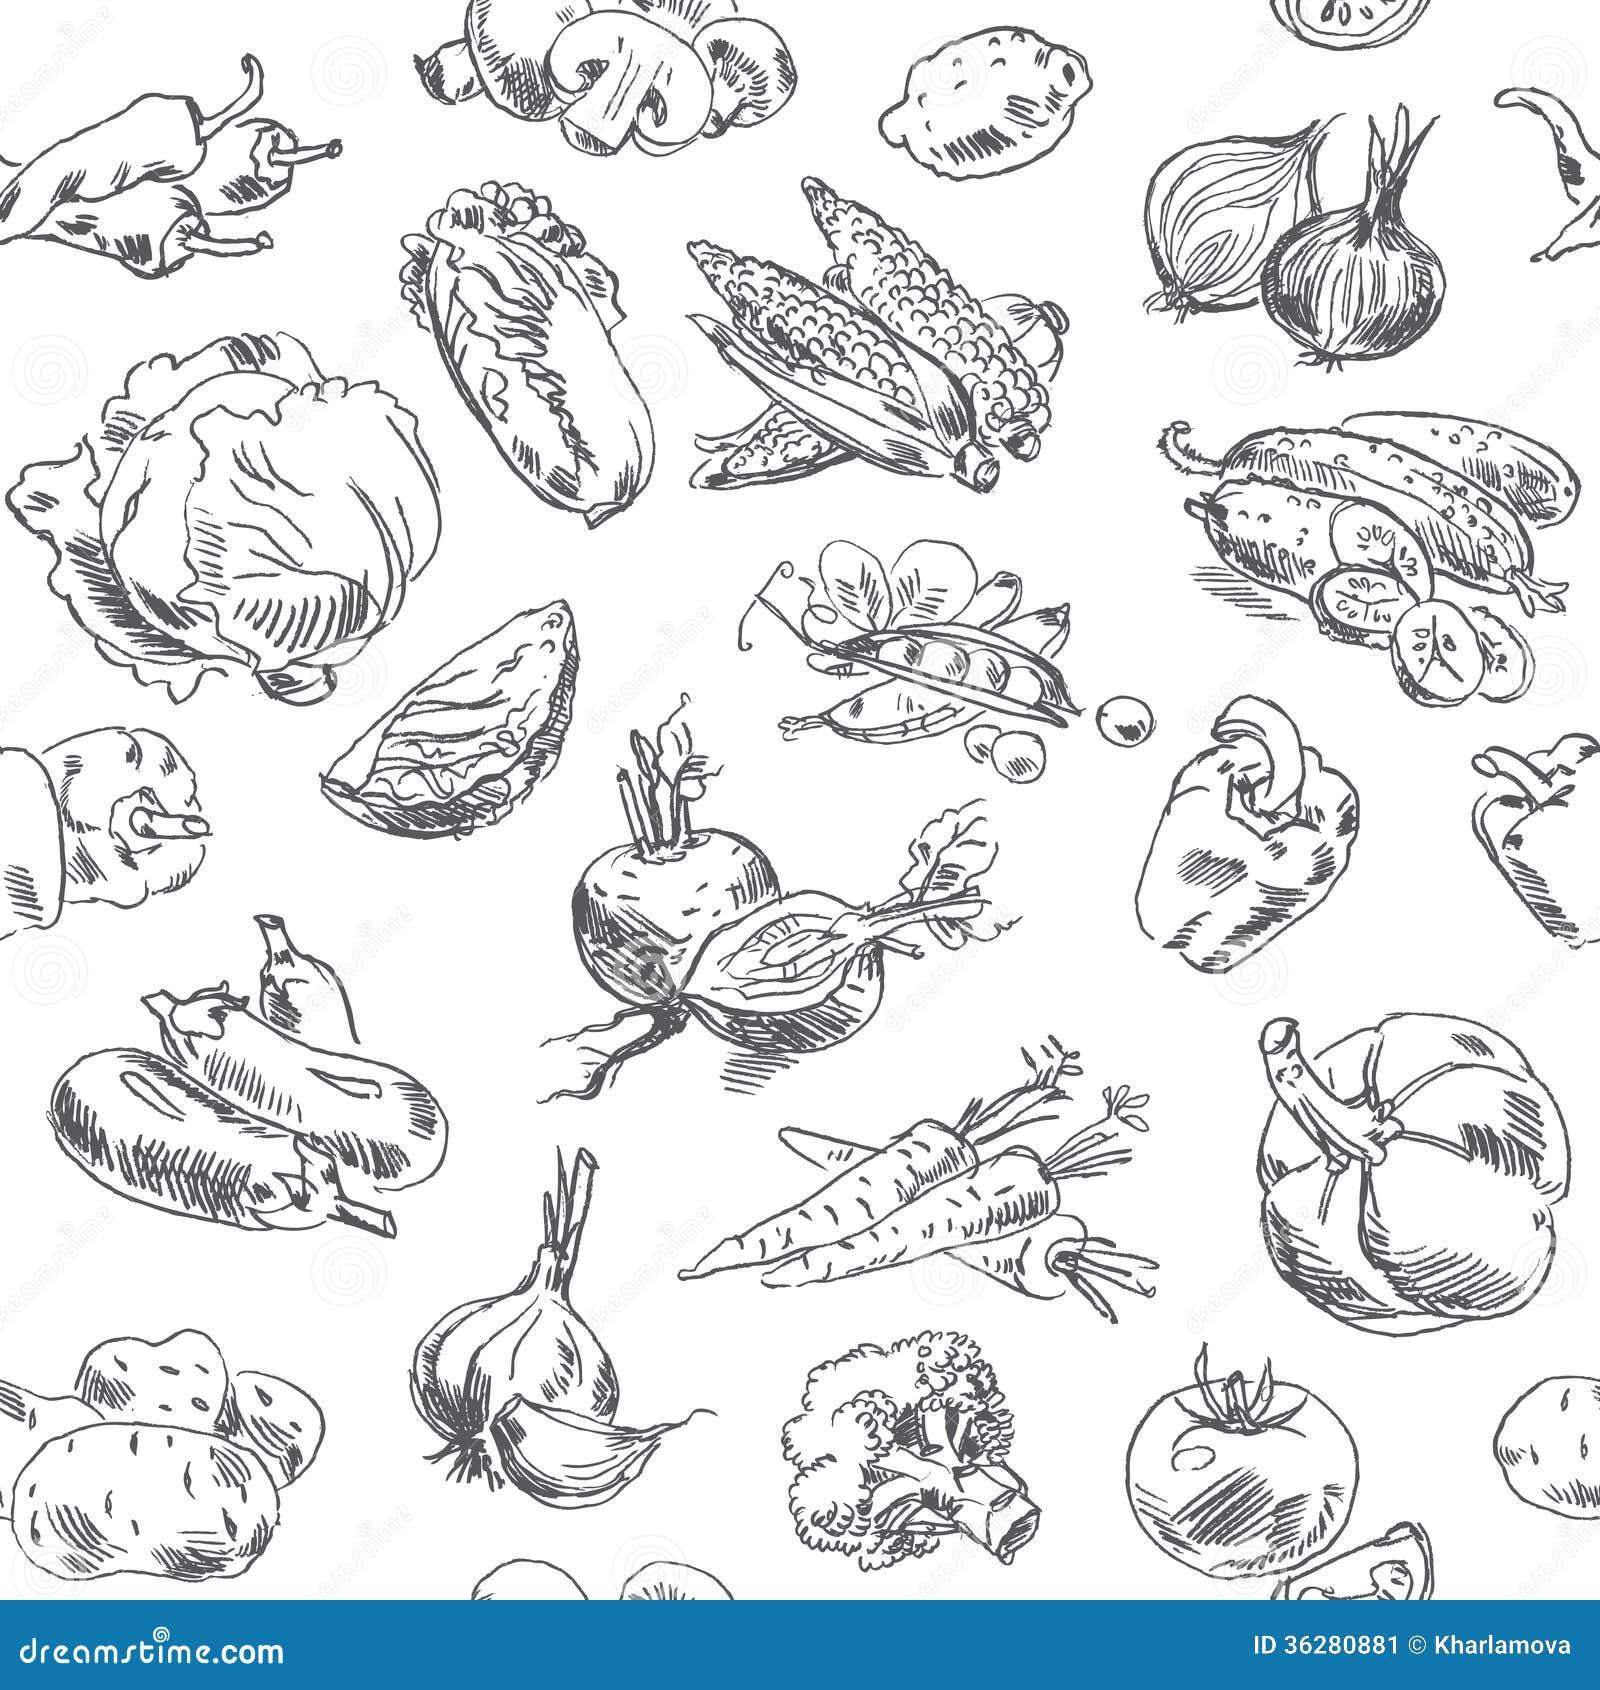 L gumes de dessin de dessin main lev e mod le sans - Dessin de couture ...